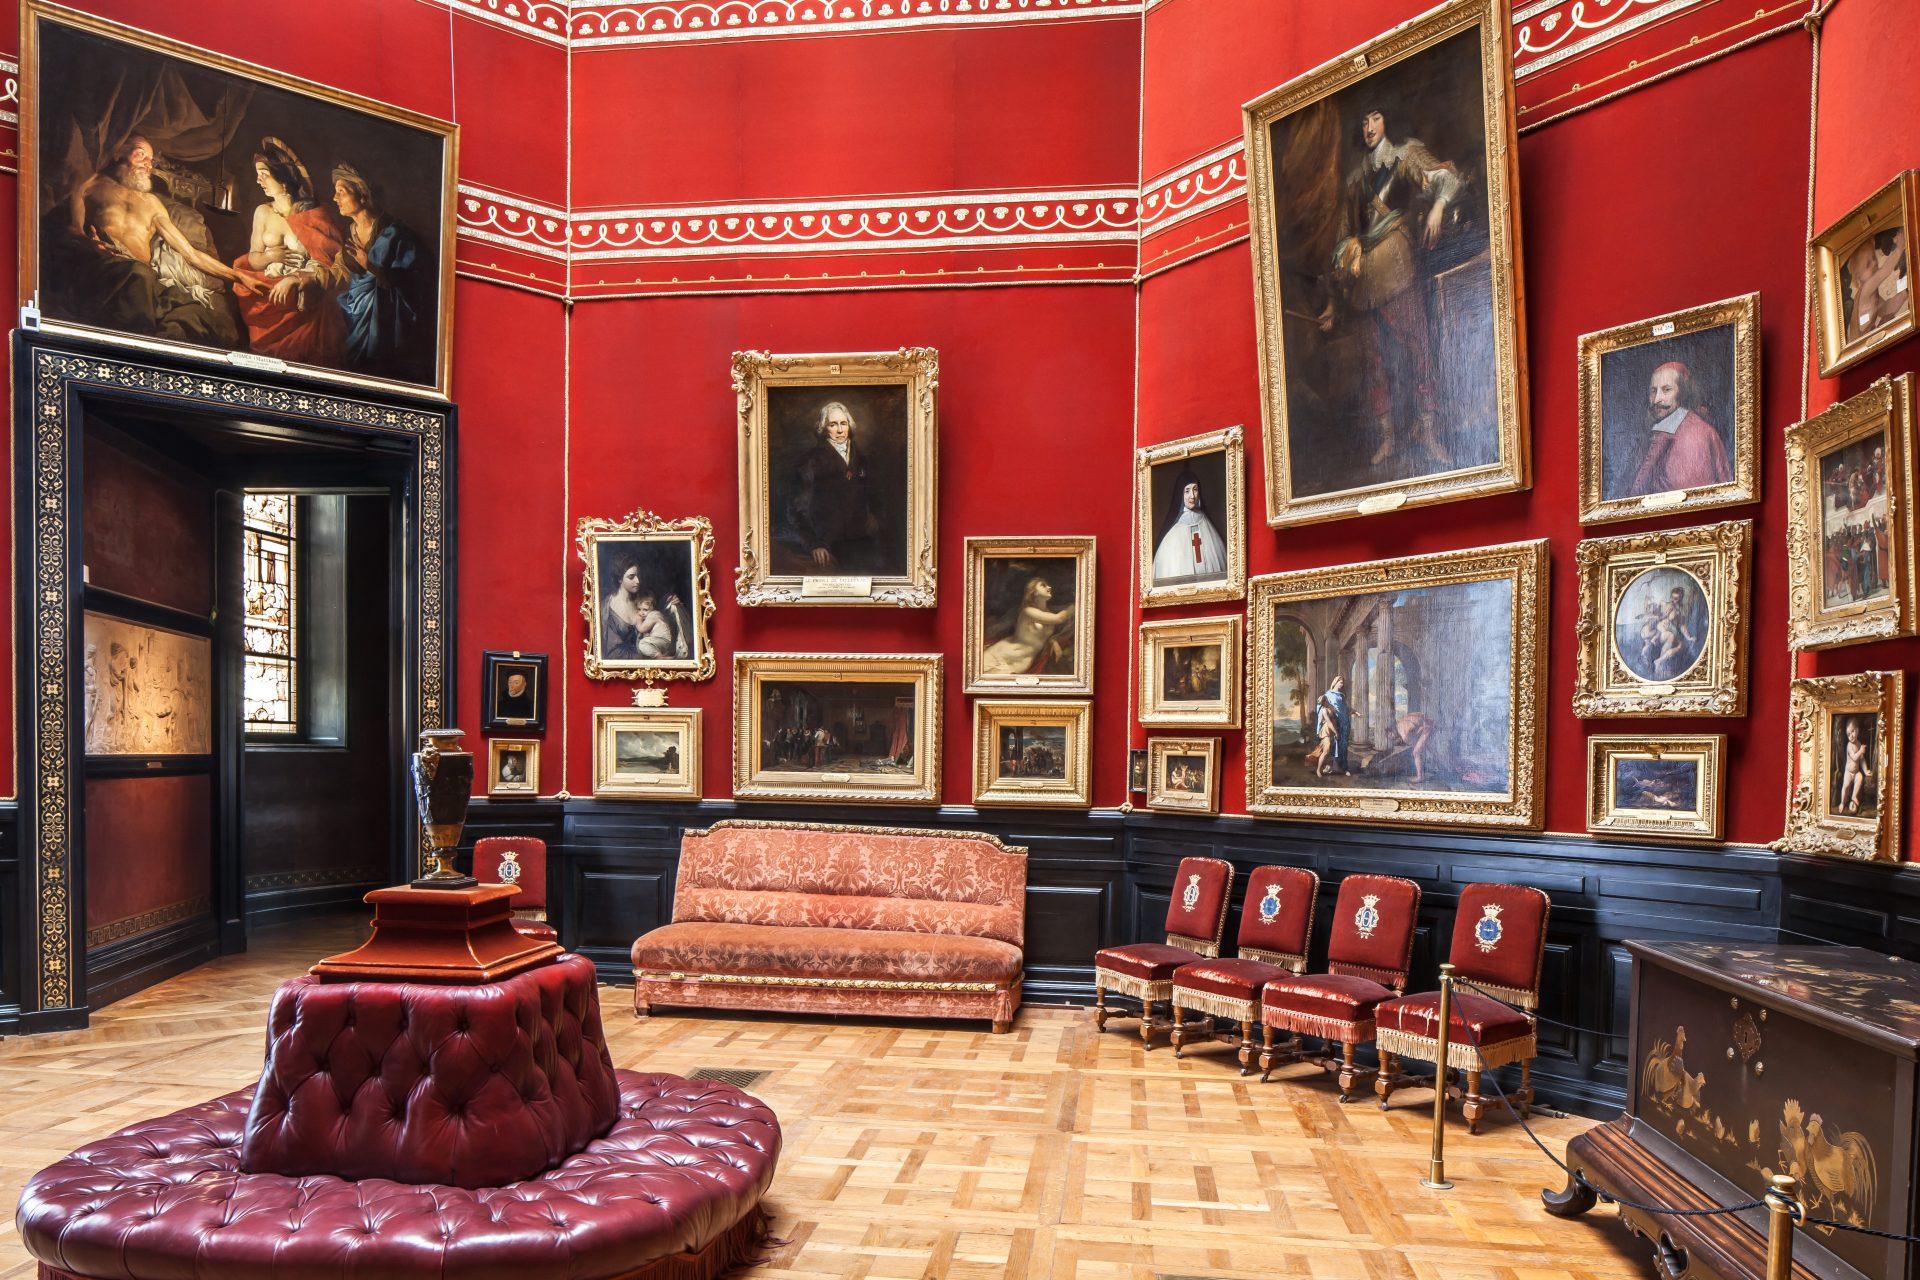 France - Château de Chantilly - Le duc d'Aumale a conçu cette pièce dite « La Tribune » comme un panorama de l'histoire de la peinture. Fra Angelico, Watteau, Titien, Poussin, entre autres, y sont exposés.